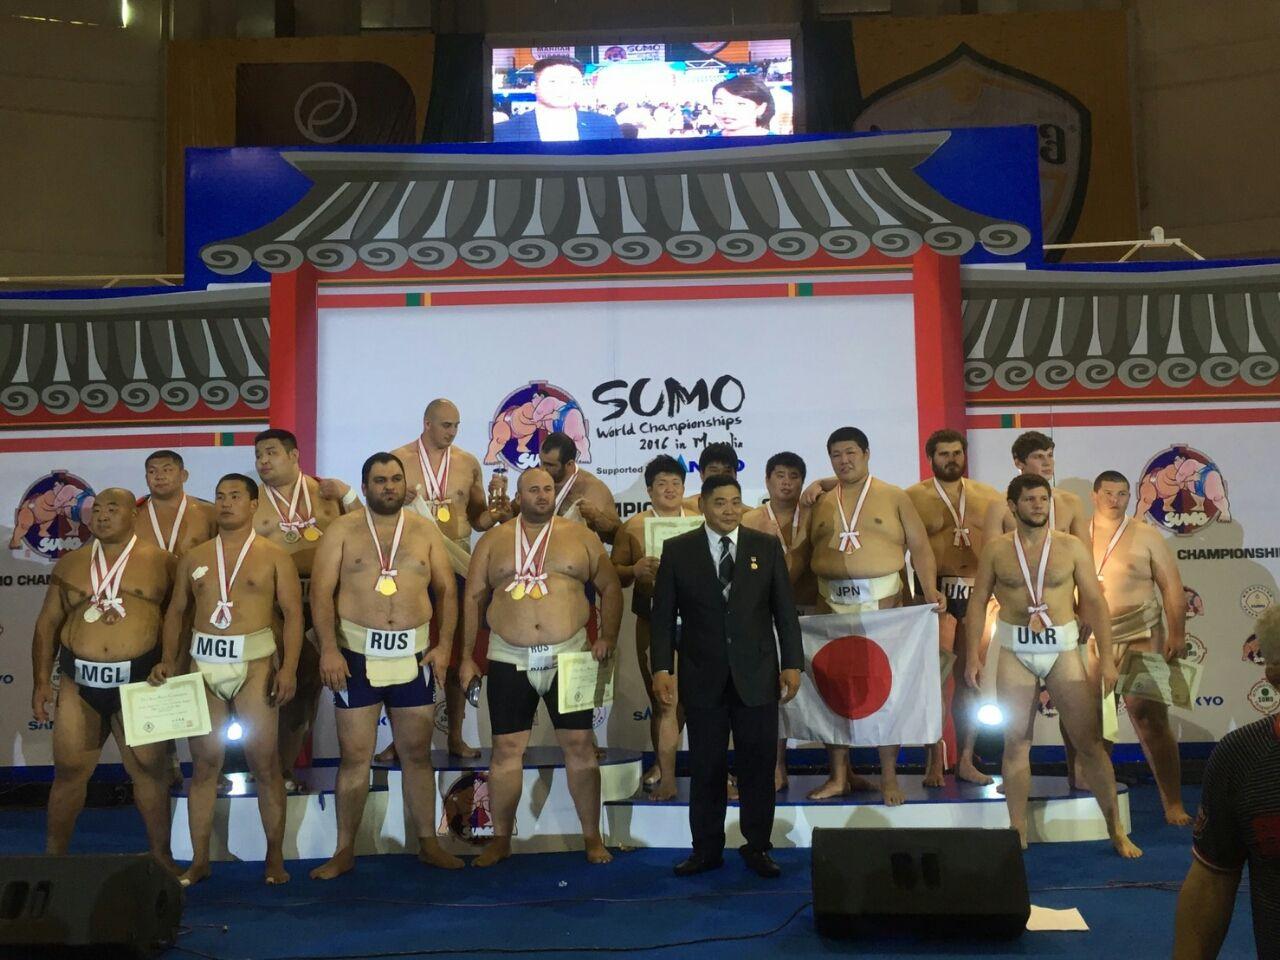 第21回世界相撲選手権大会 結果...